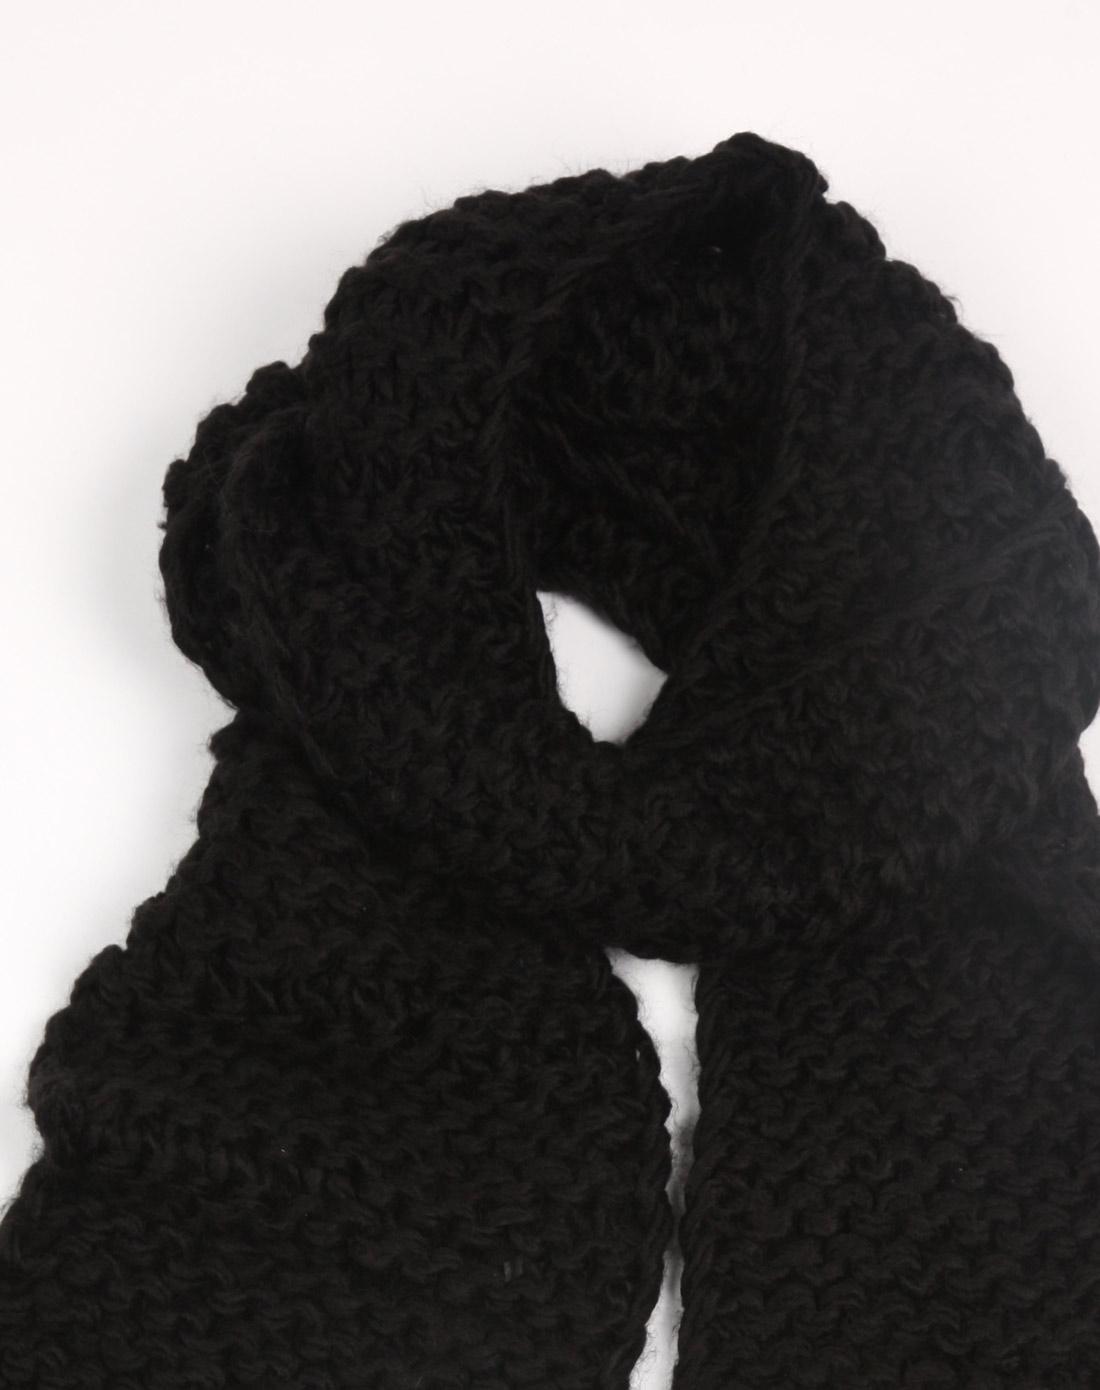 vie配饰专场冬季编织围巾黑色l10fc351